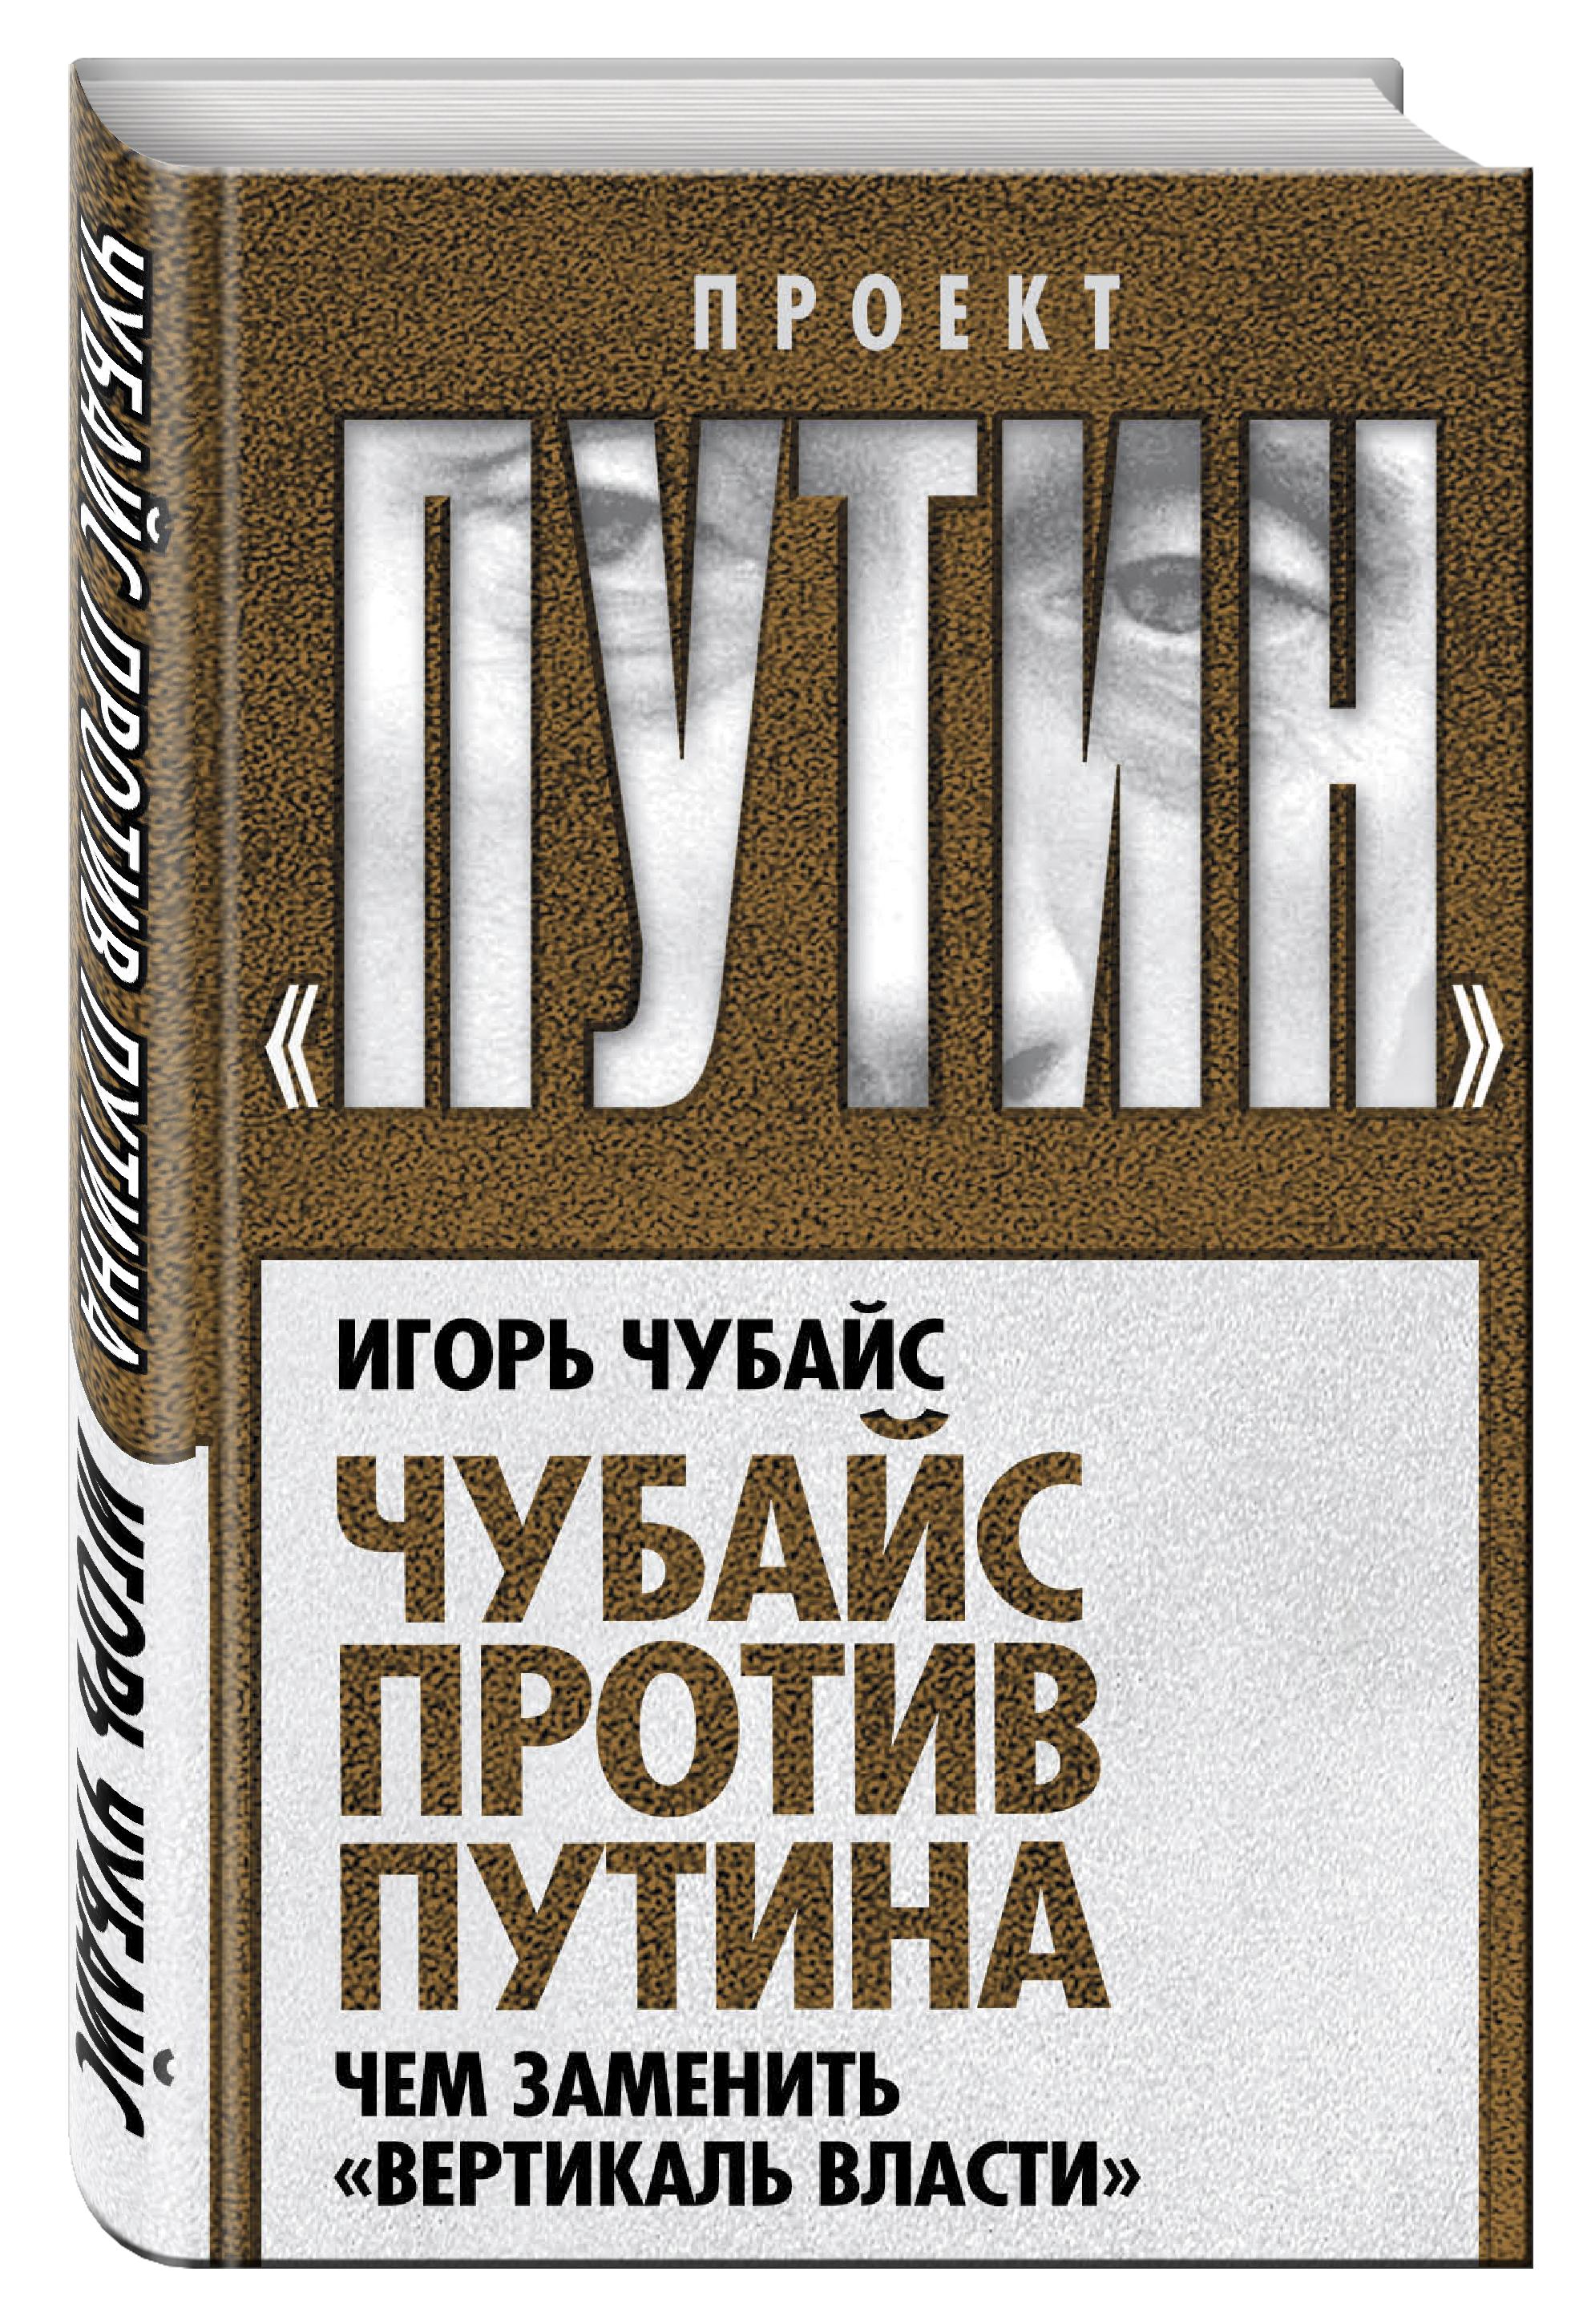 Чубайс И.Б. Чубайс против Путина. Чем заменить вертикаль власти атаманенко игорь григорьевич лицензия на вербовку